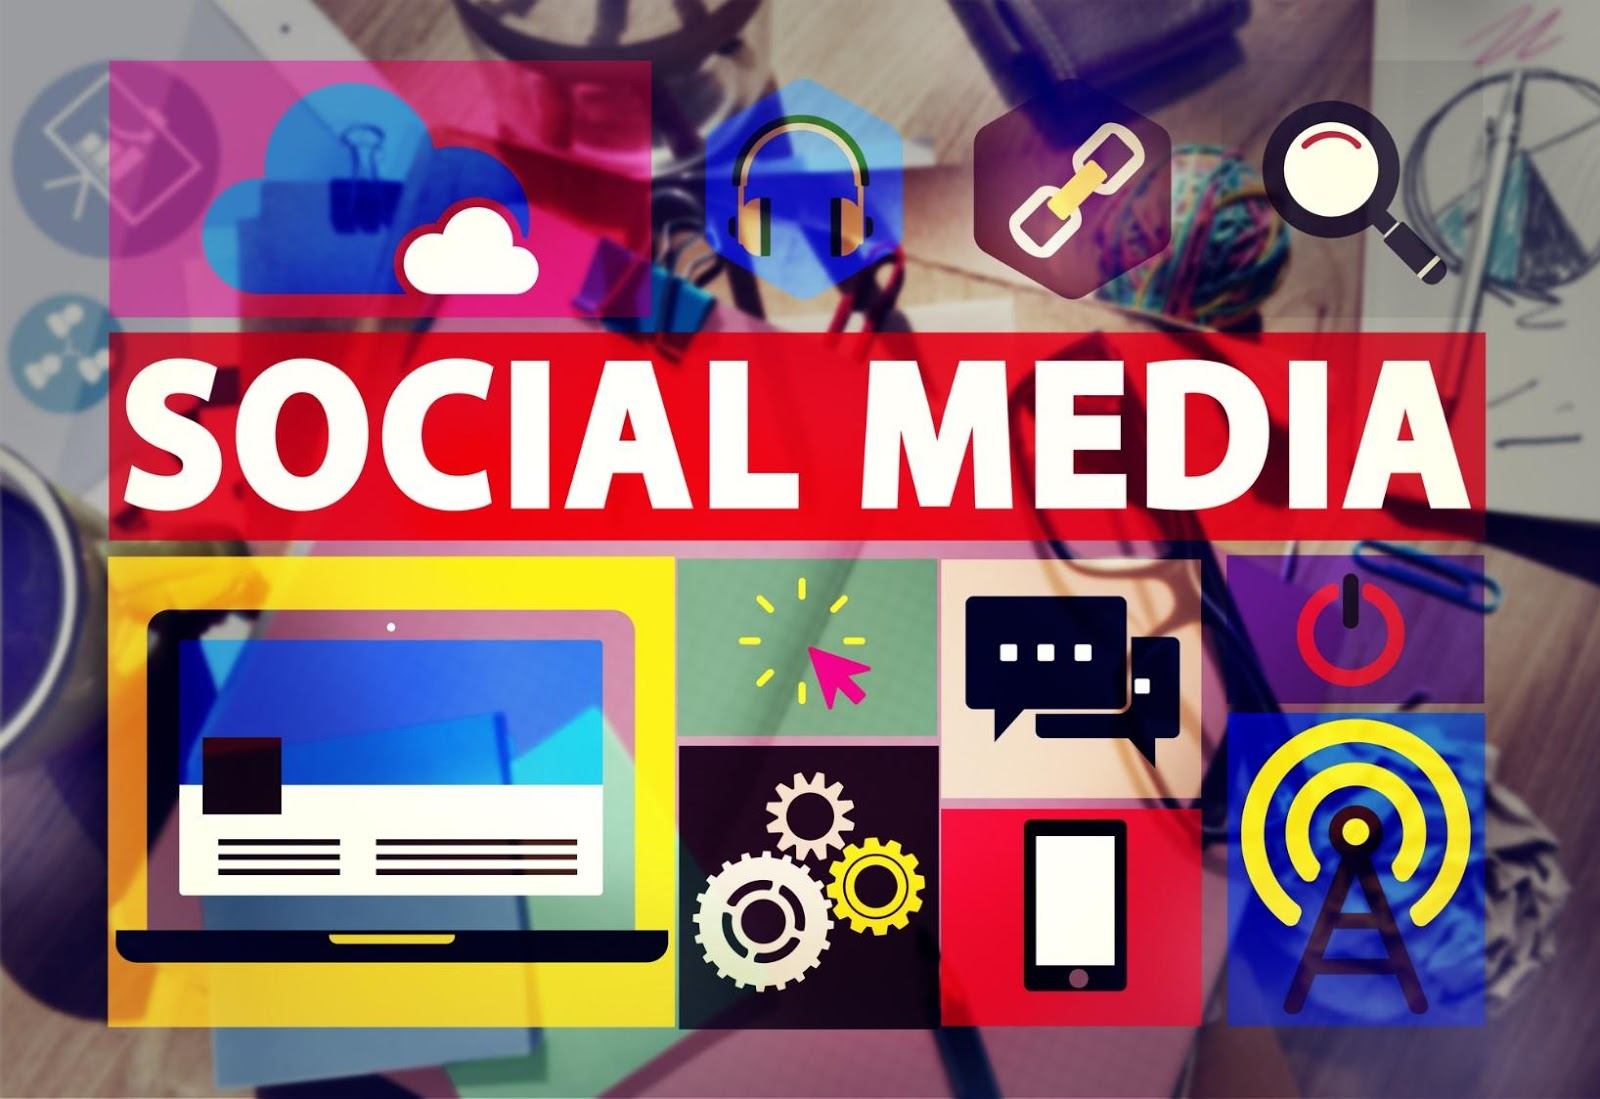 Come fare pubblicità sui social media come Solopreneur